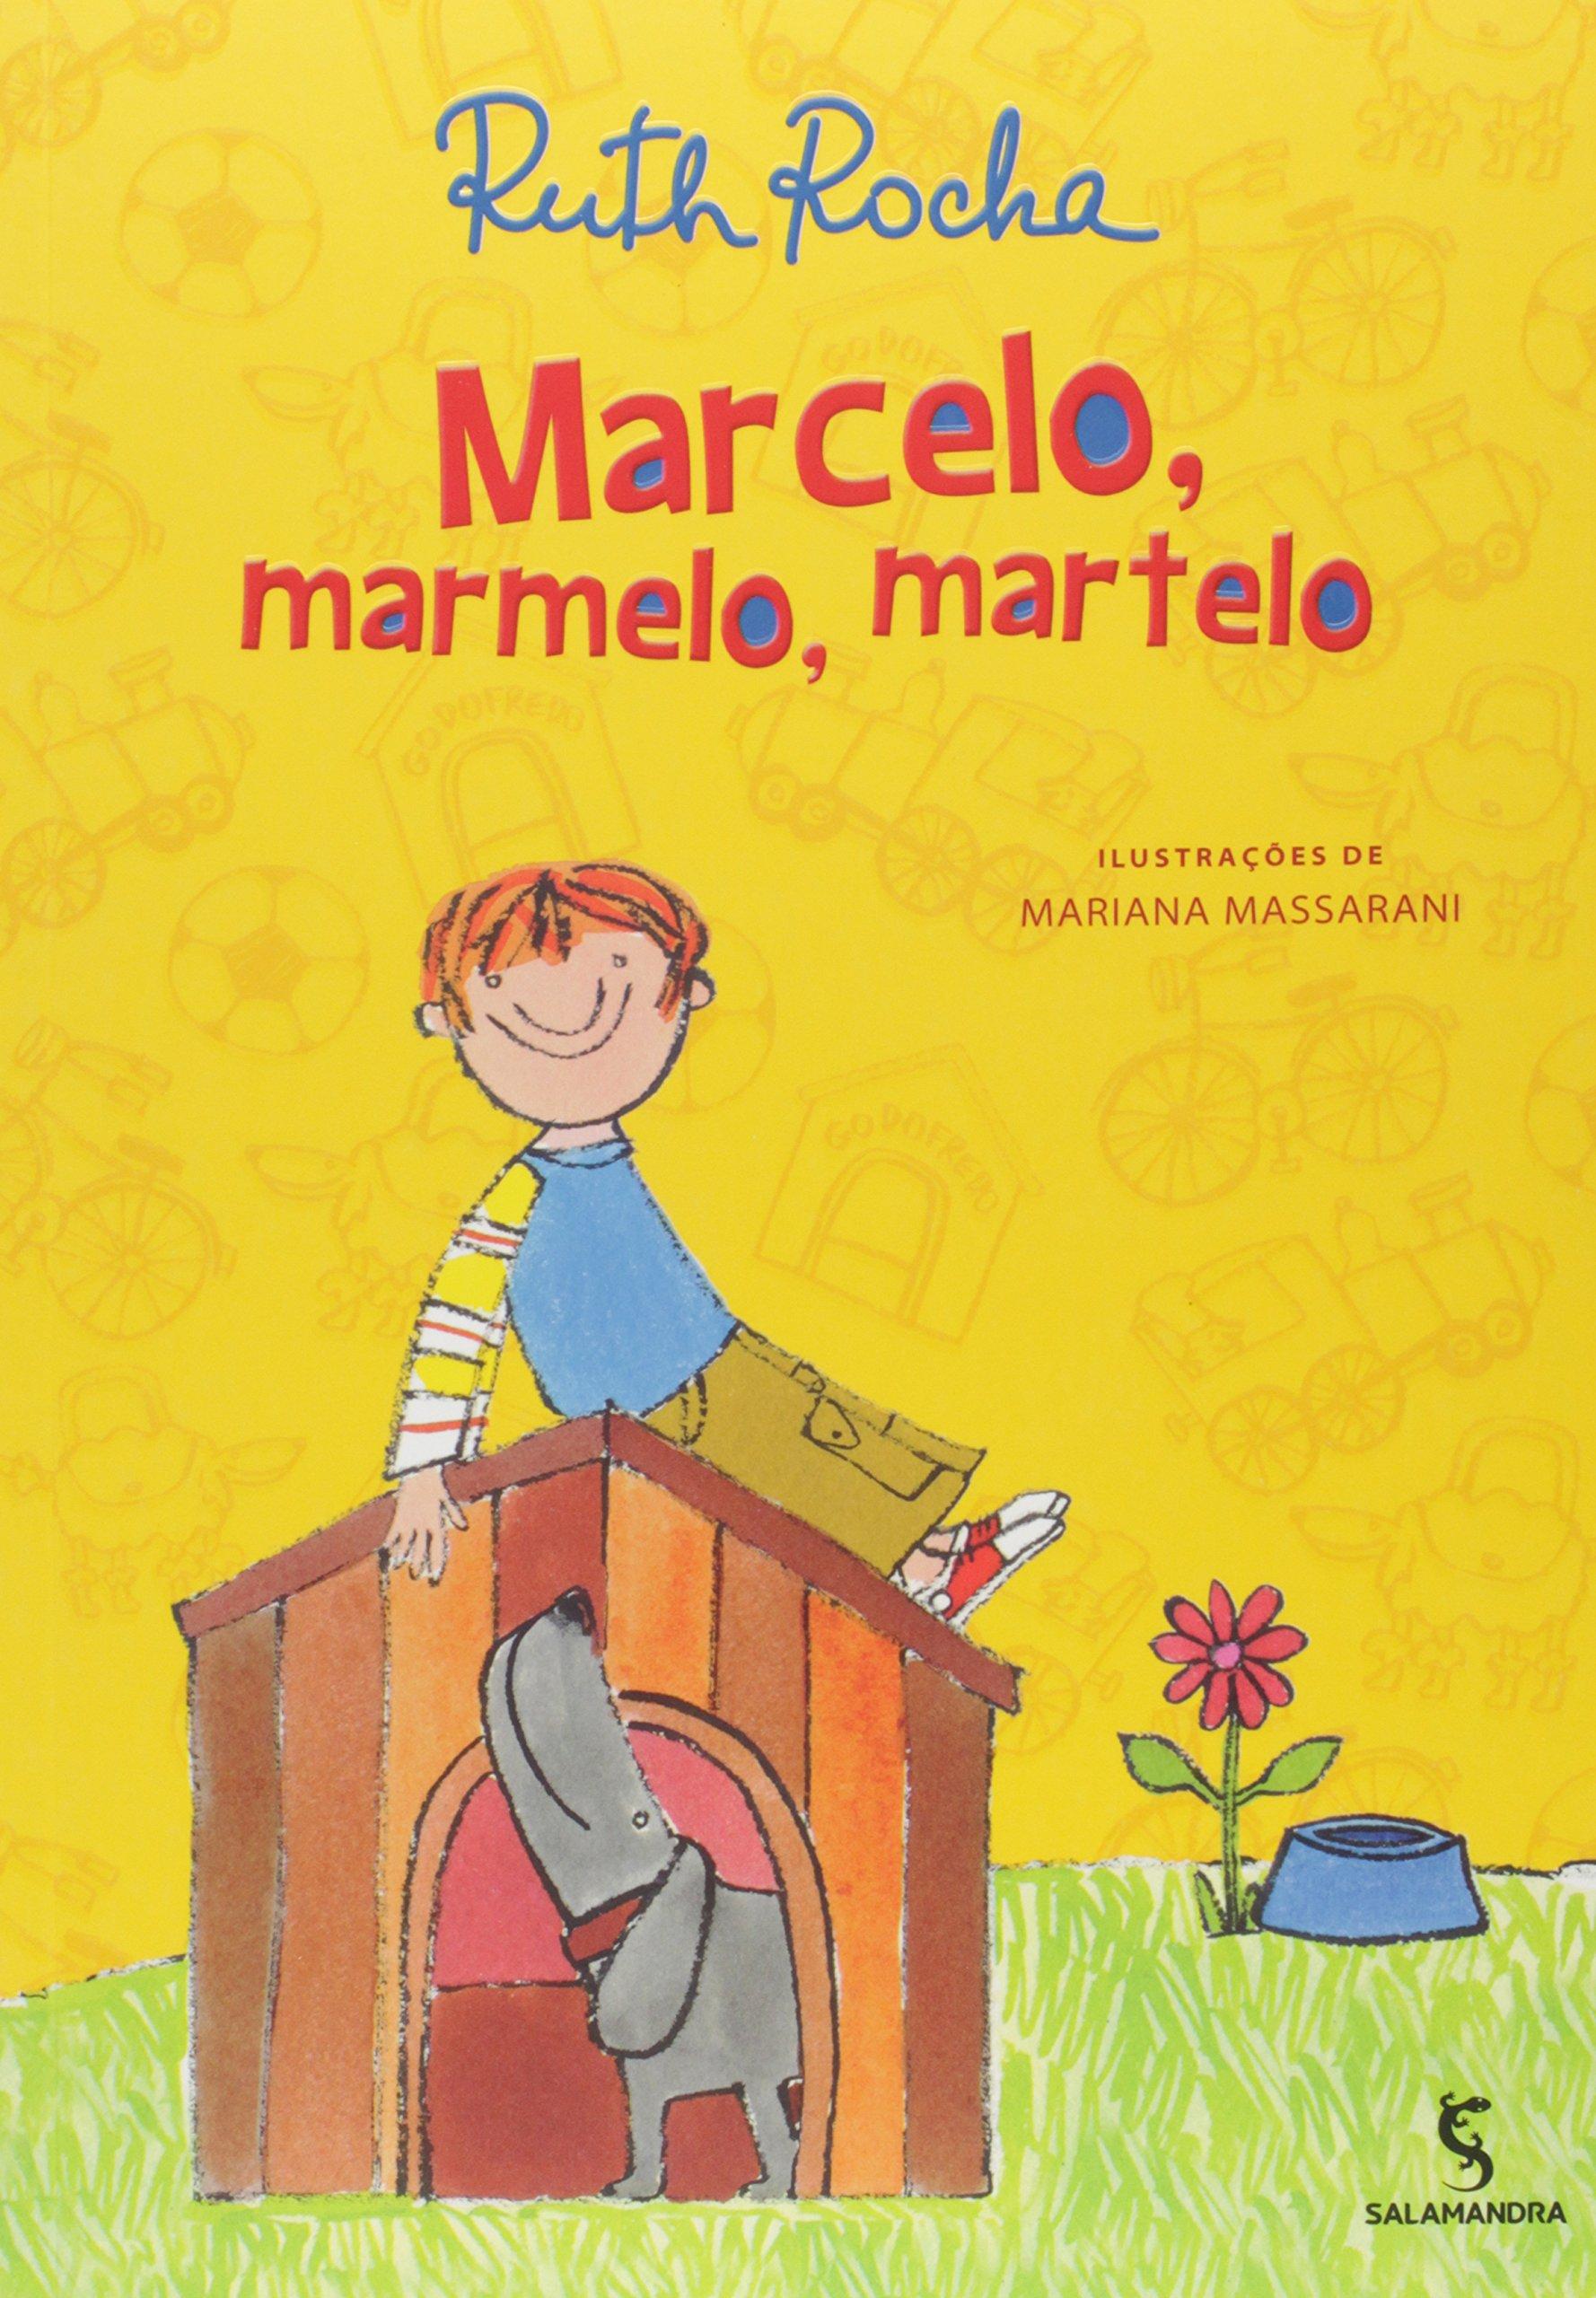 Capa do livro traz ilustração de um menino em cima de uma casinha de cachorro